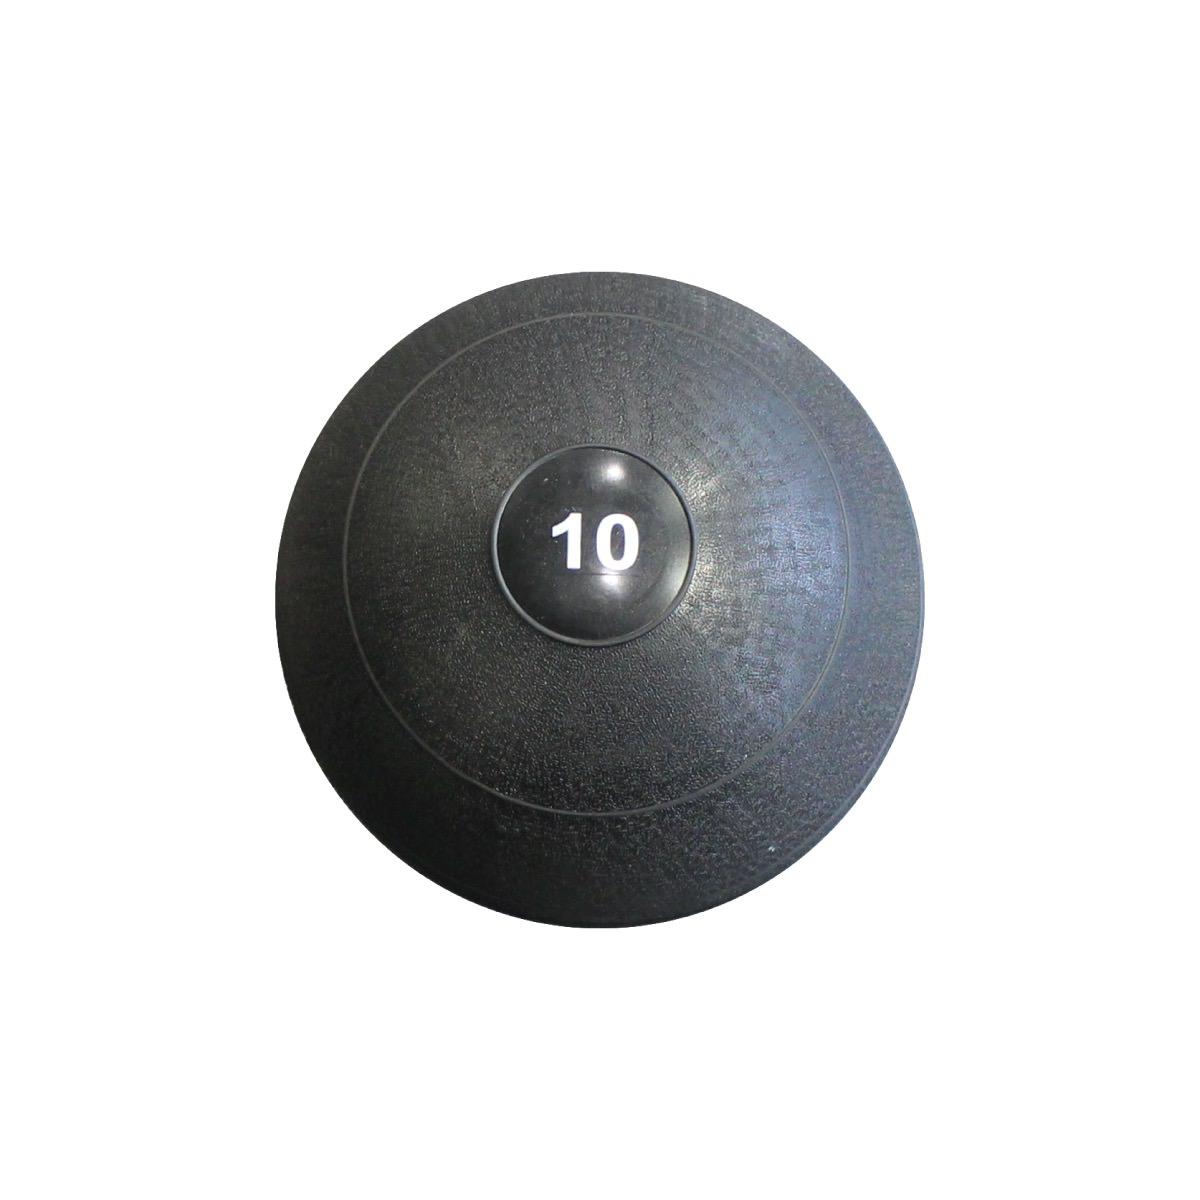 Slam Ball 10lb Slammer